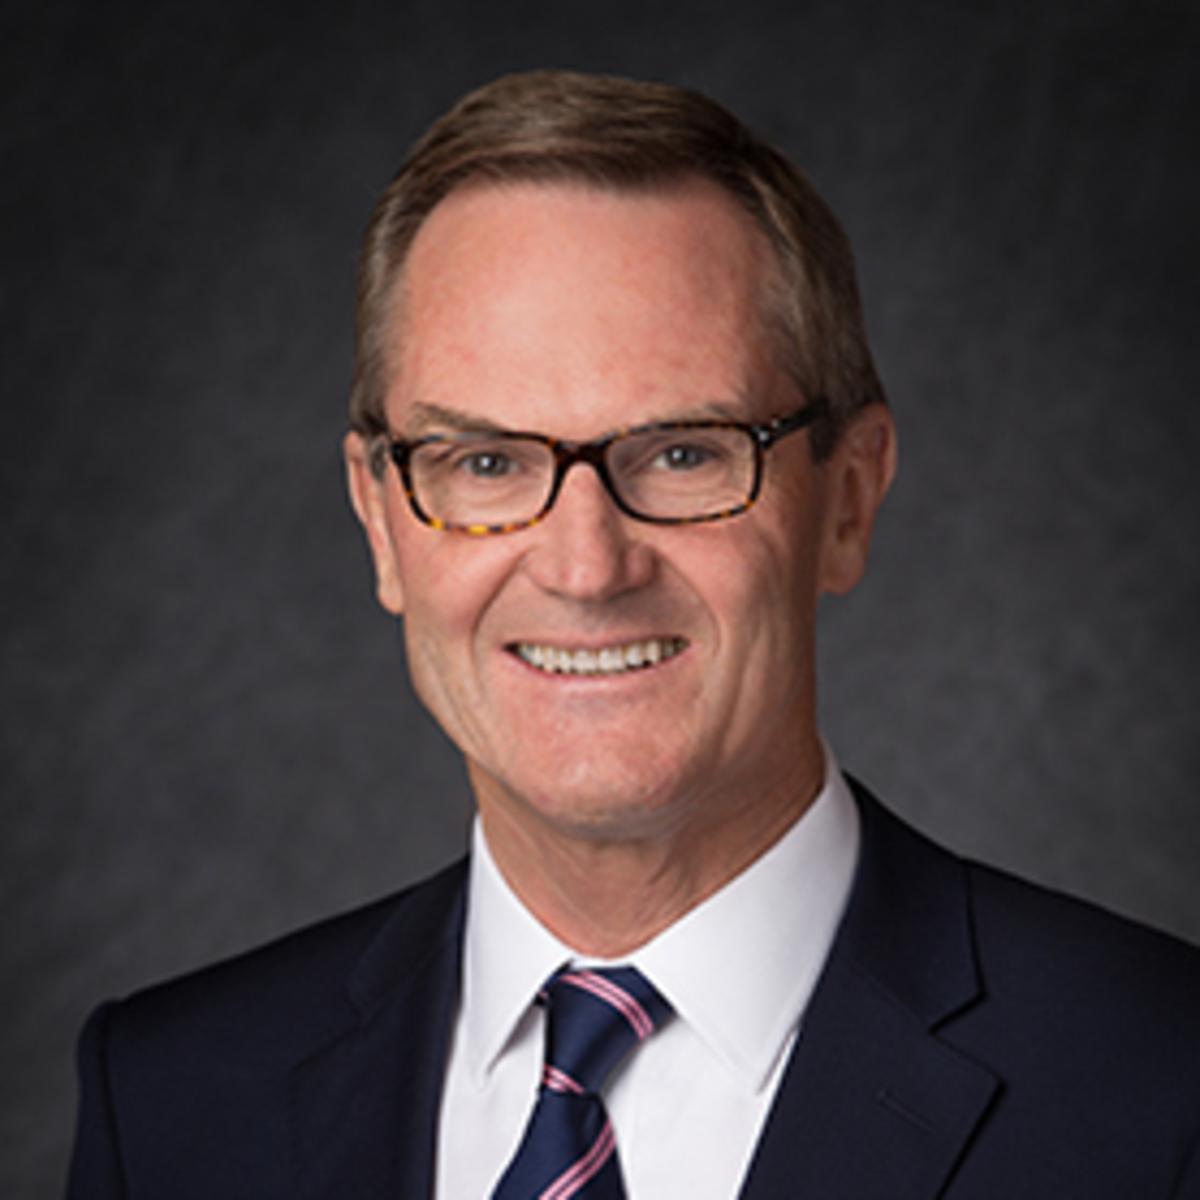 Elder Peter F. Meurs